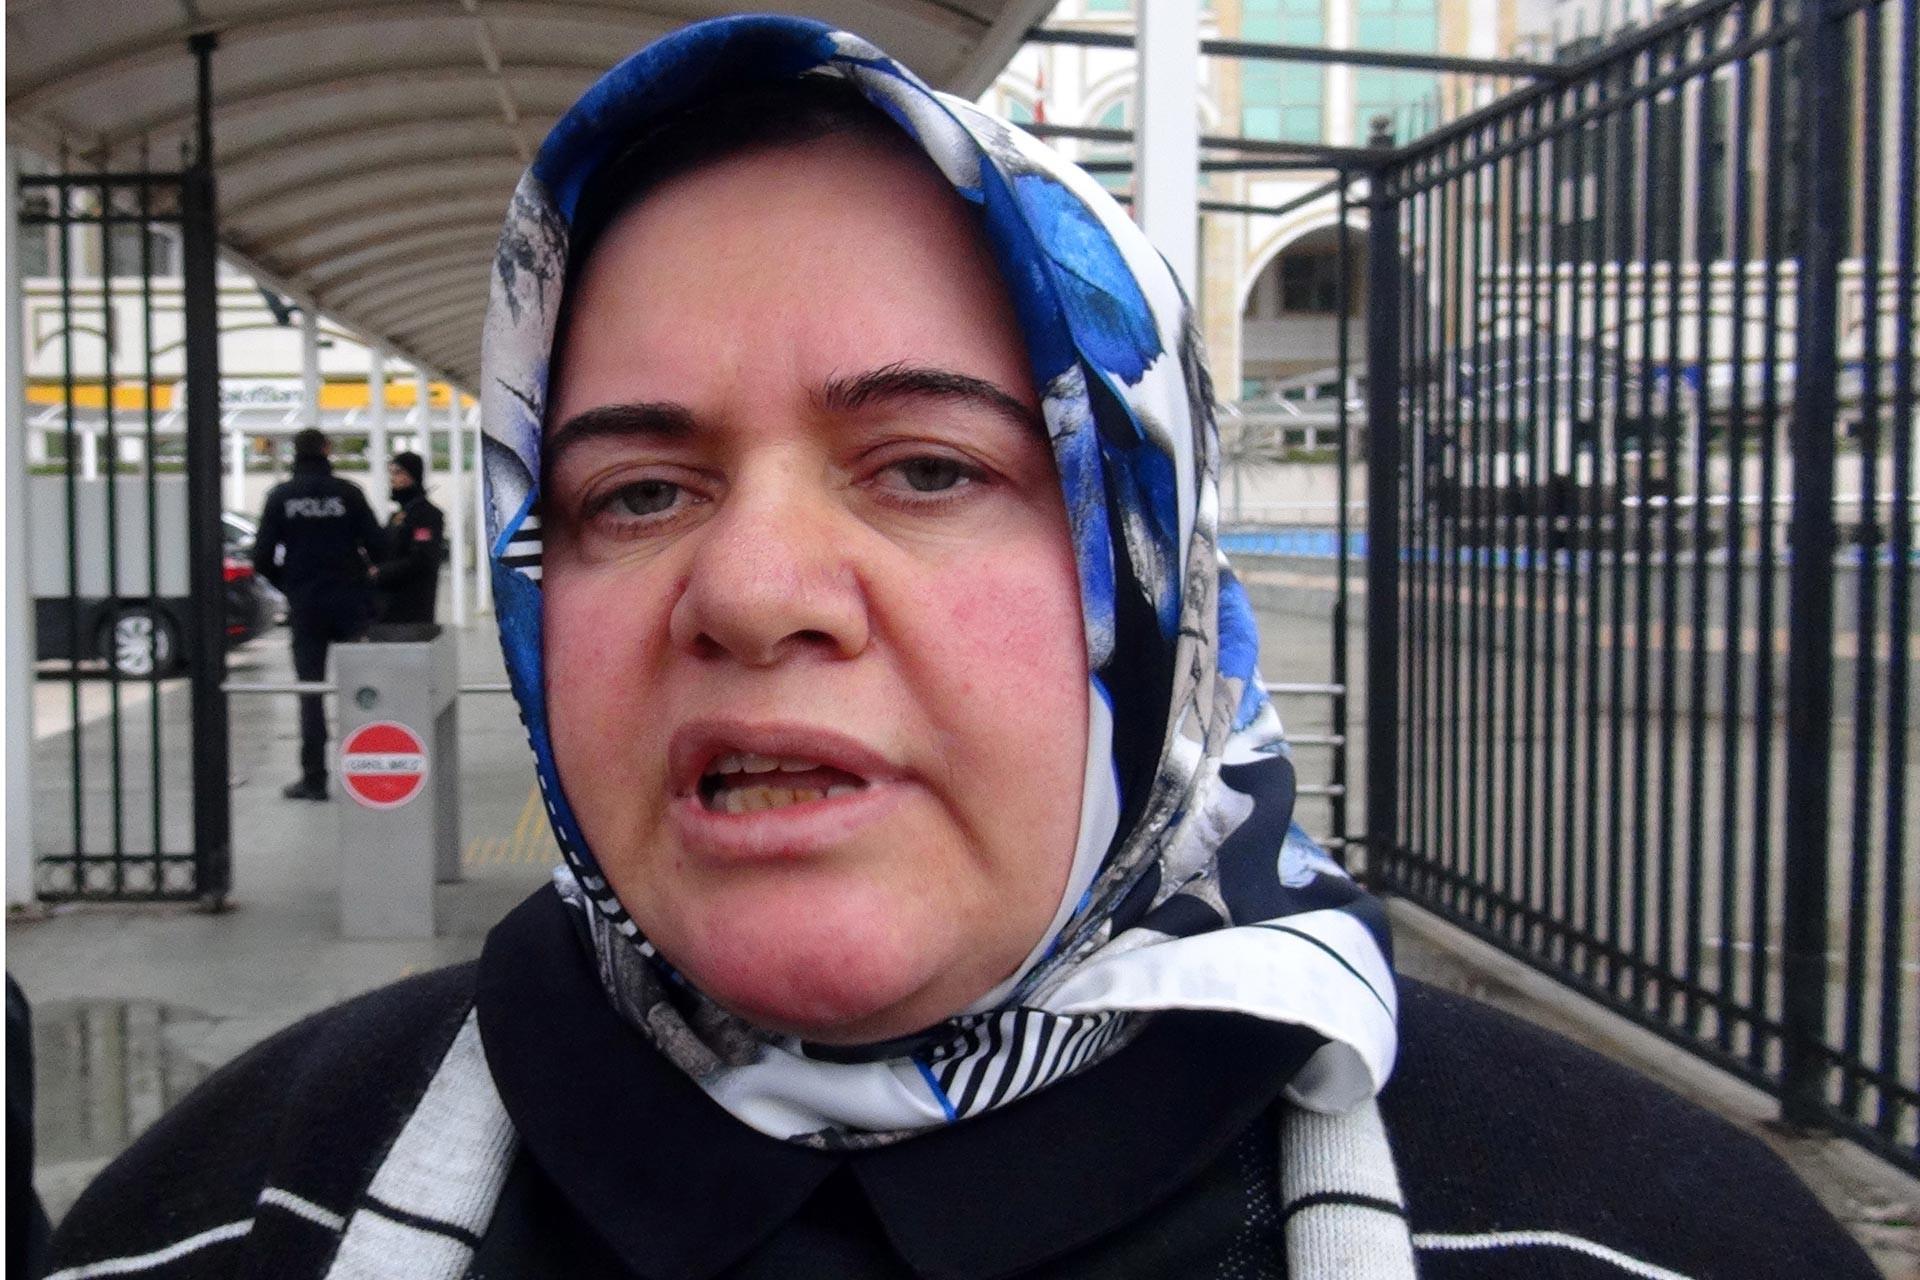 Ayşe Seyidoğlu'yu 21 yerinden bıçaklayan Nizamettin Seyidoğlu'nun yargılandığı davanın ardından Ayşe Seyidoğlu adliye önünde basın mensuplarına açıklama yaparken